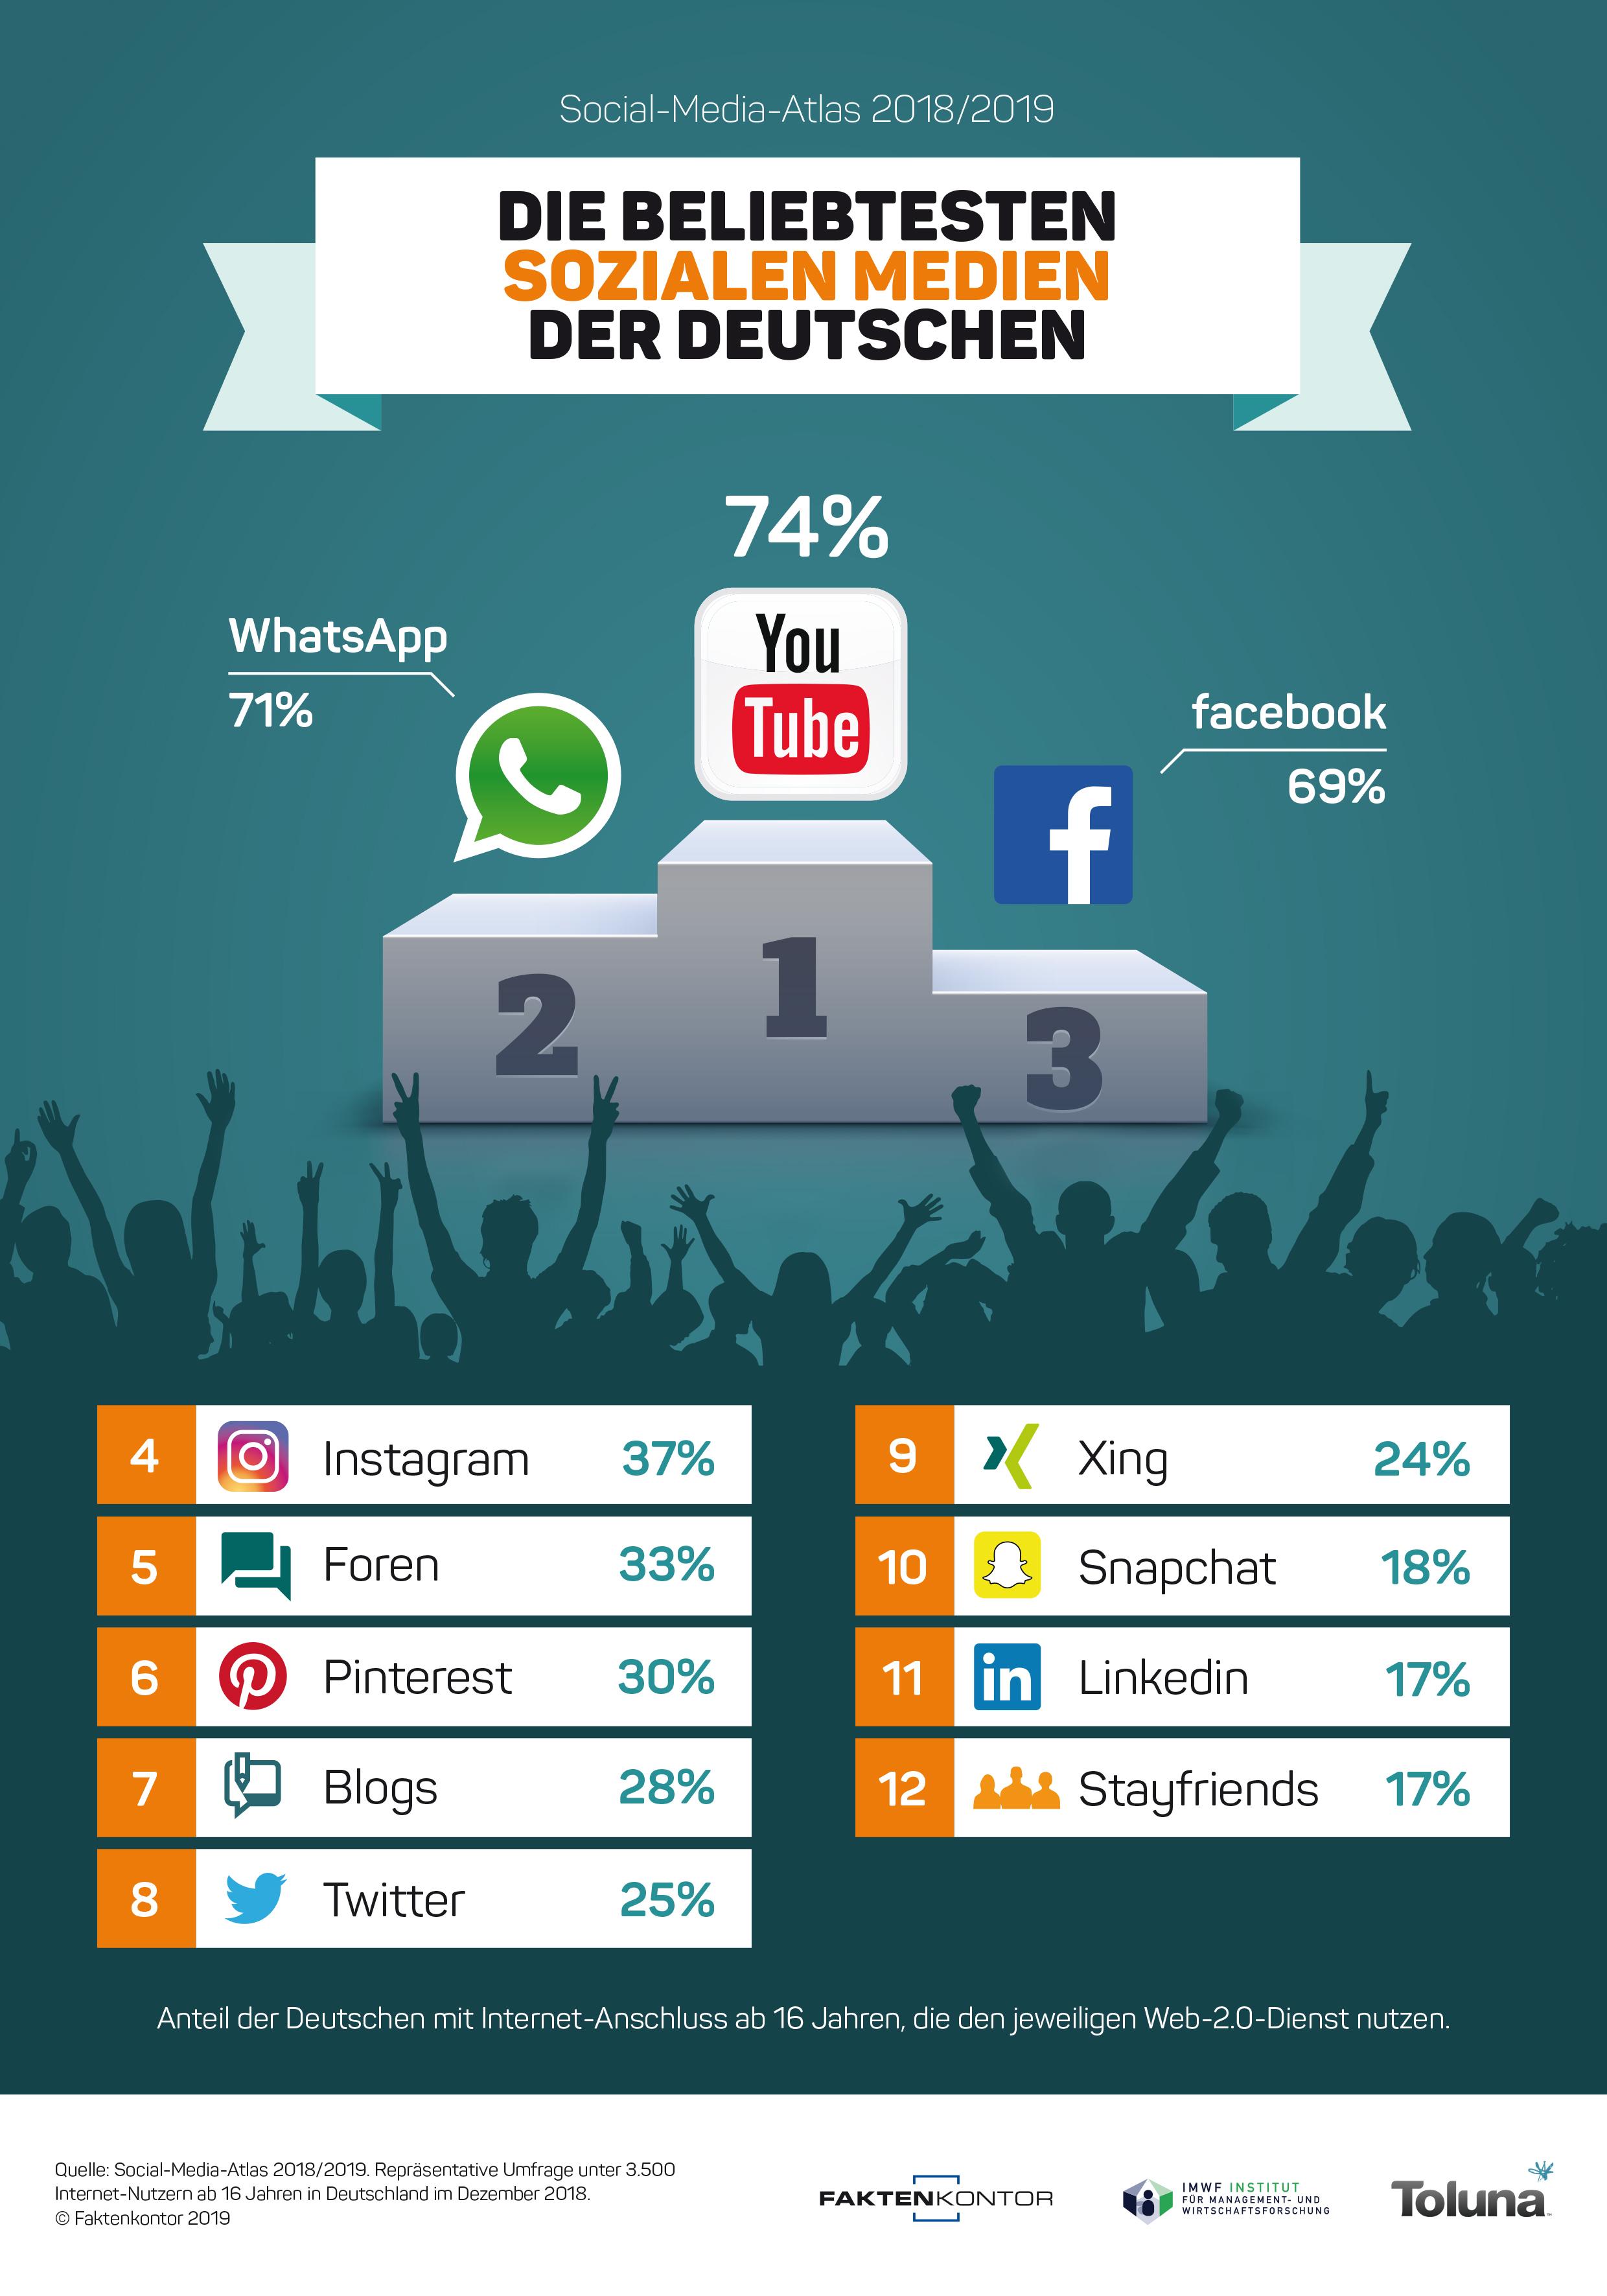 Unsere Analyse zum Social-Media-Atlas: Sind das die beliebtesten Netzwerke?